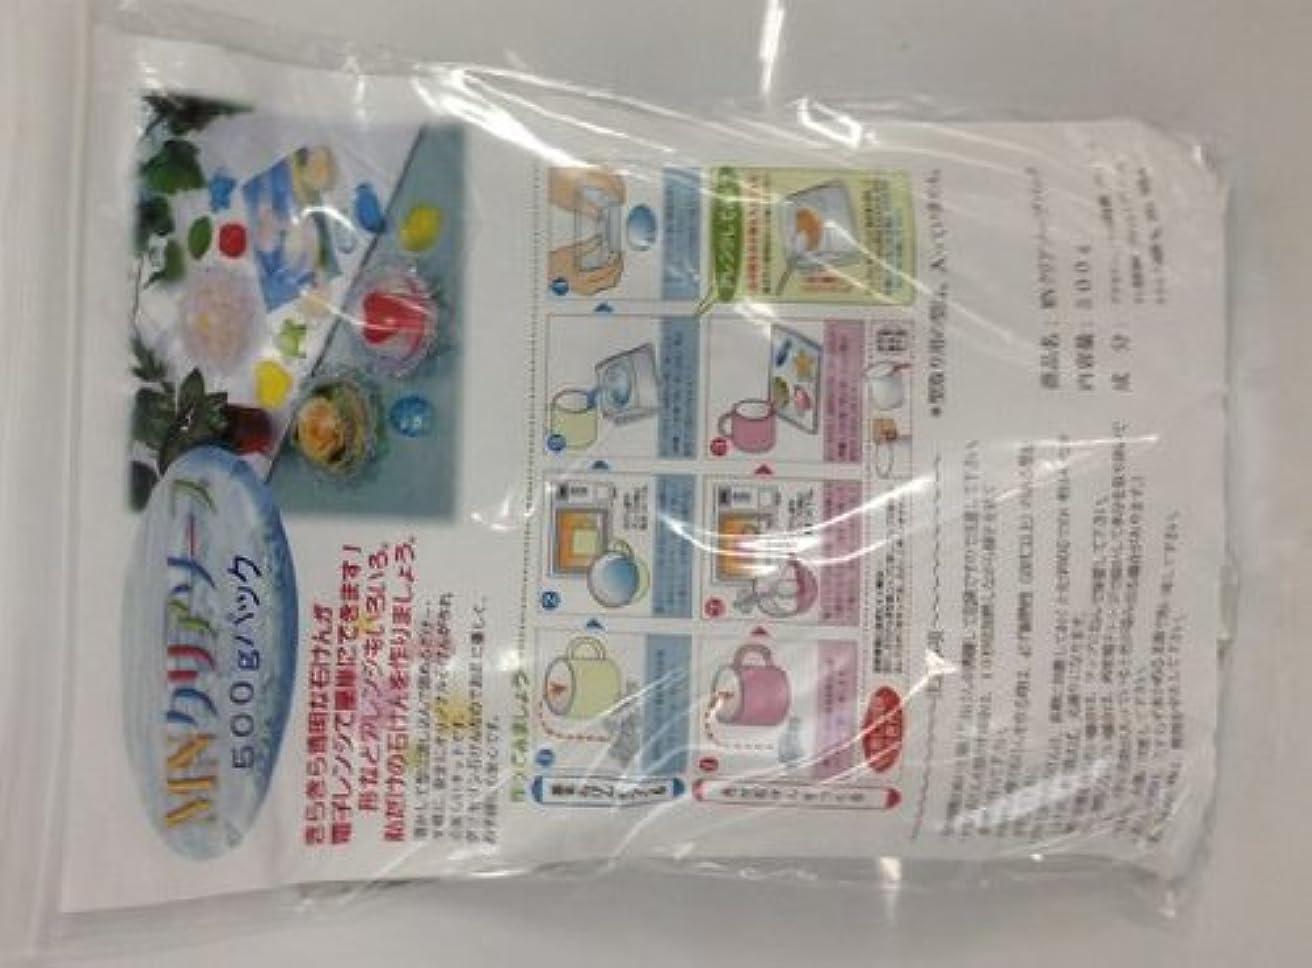 テクスチャー圧倒的リングレット手作り石鹸キット クリアソープ単品500g(お得な補充用)